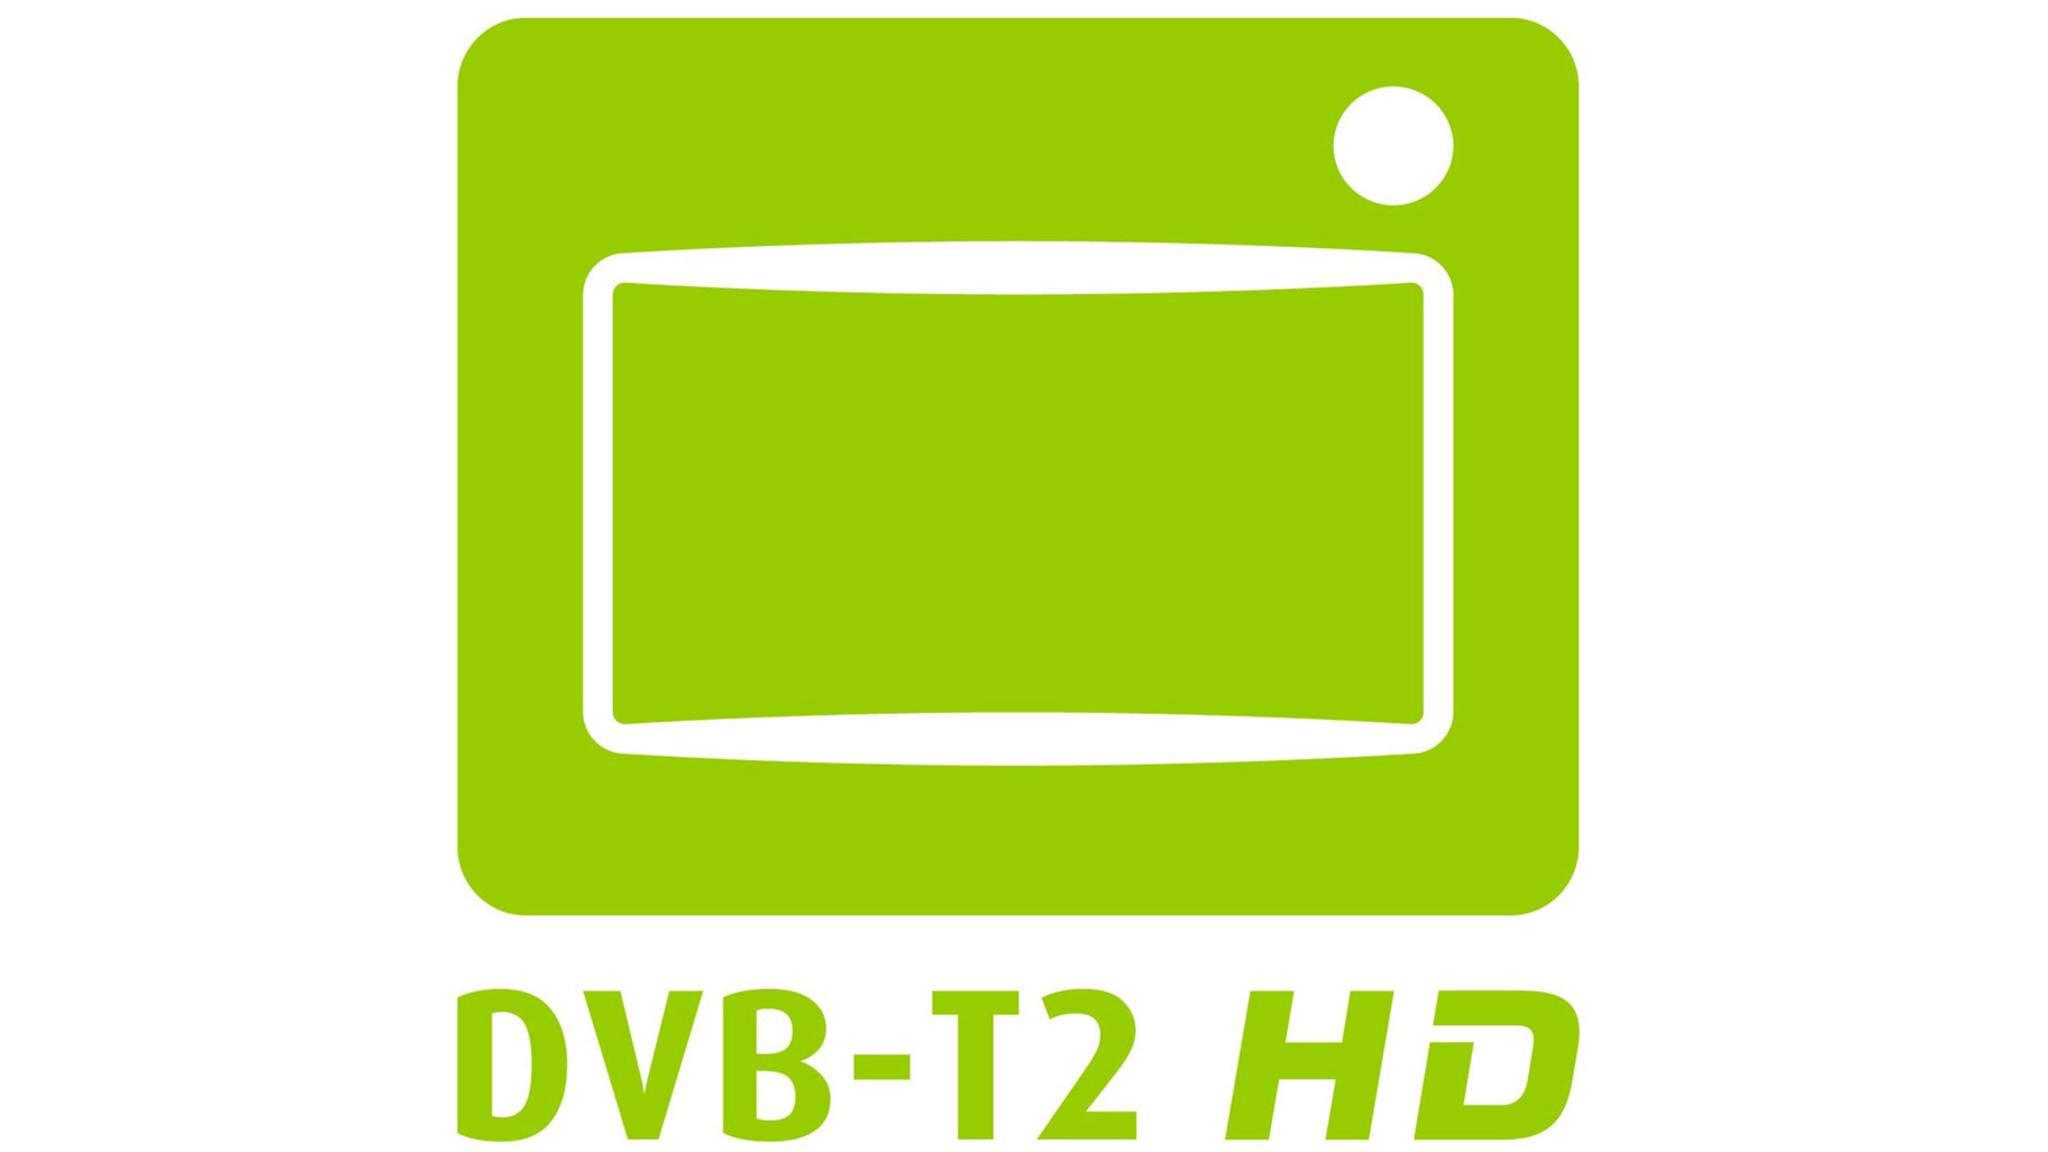 Ende März startete DVB-T2 HD in Deutschland in den Regelbetrieb.